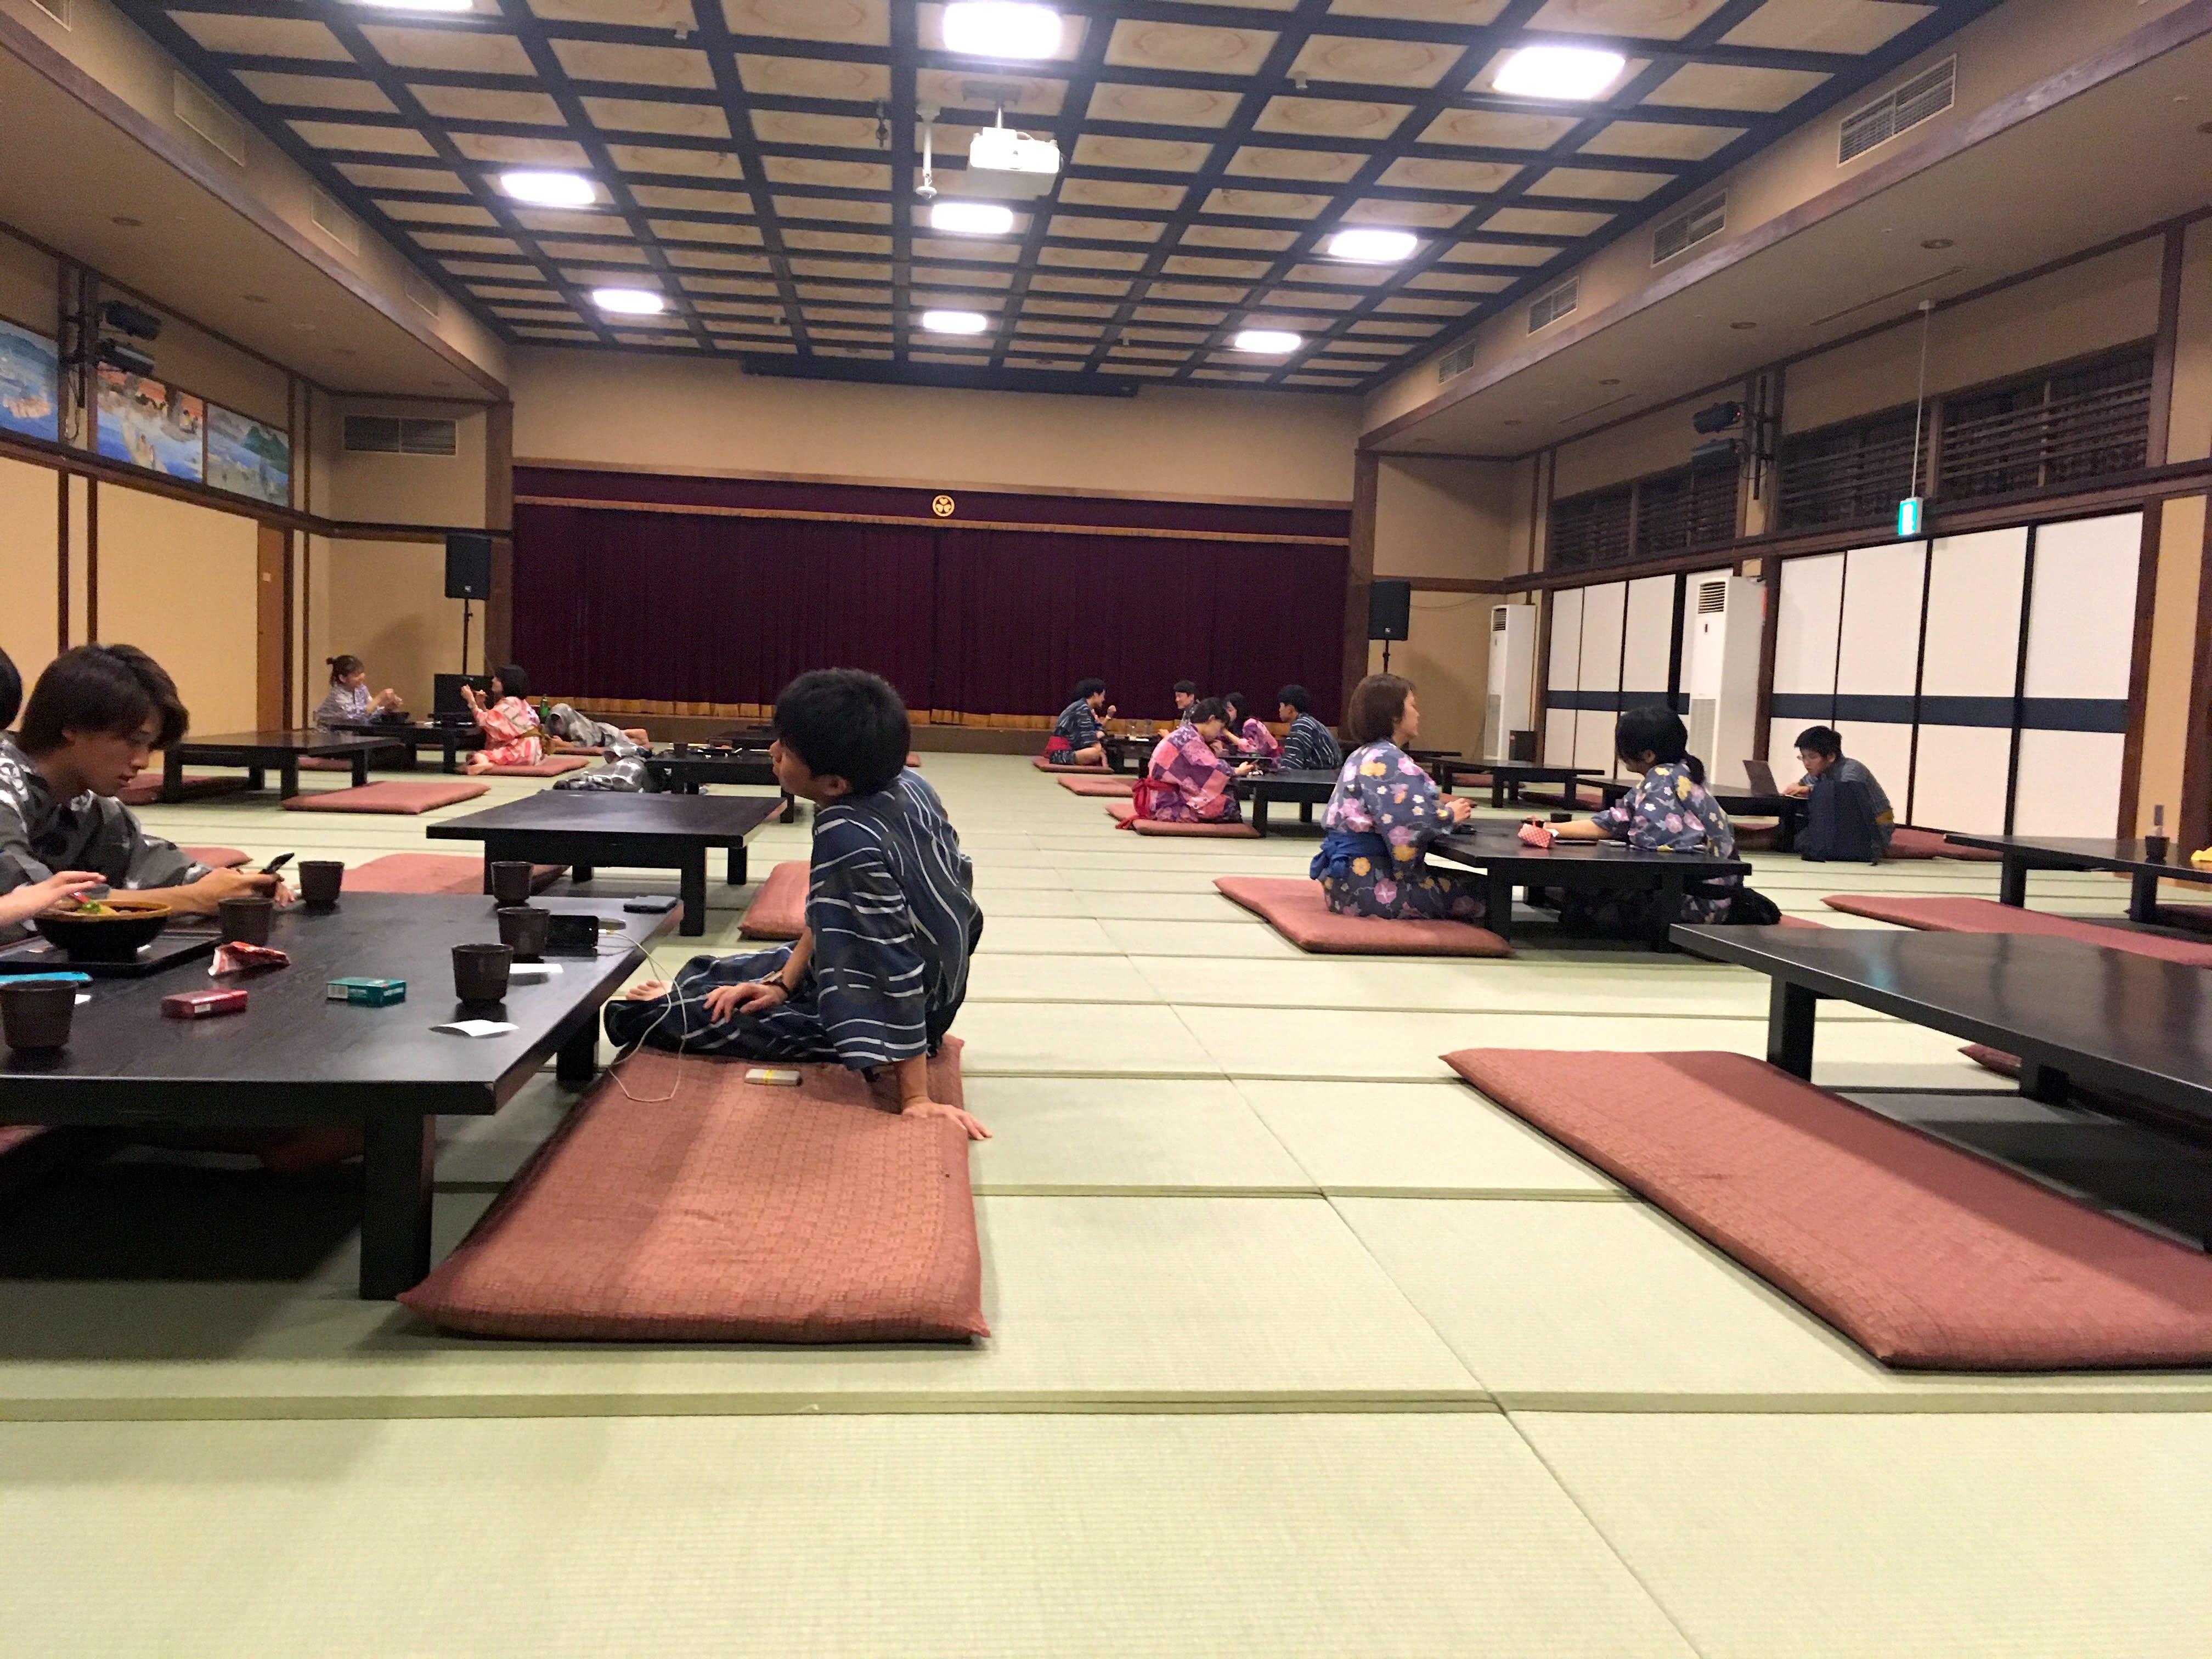 在褟褟米上面用餐,感受道地的日本生活。(圖片取自valepra0330)